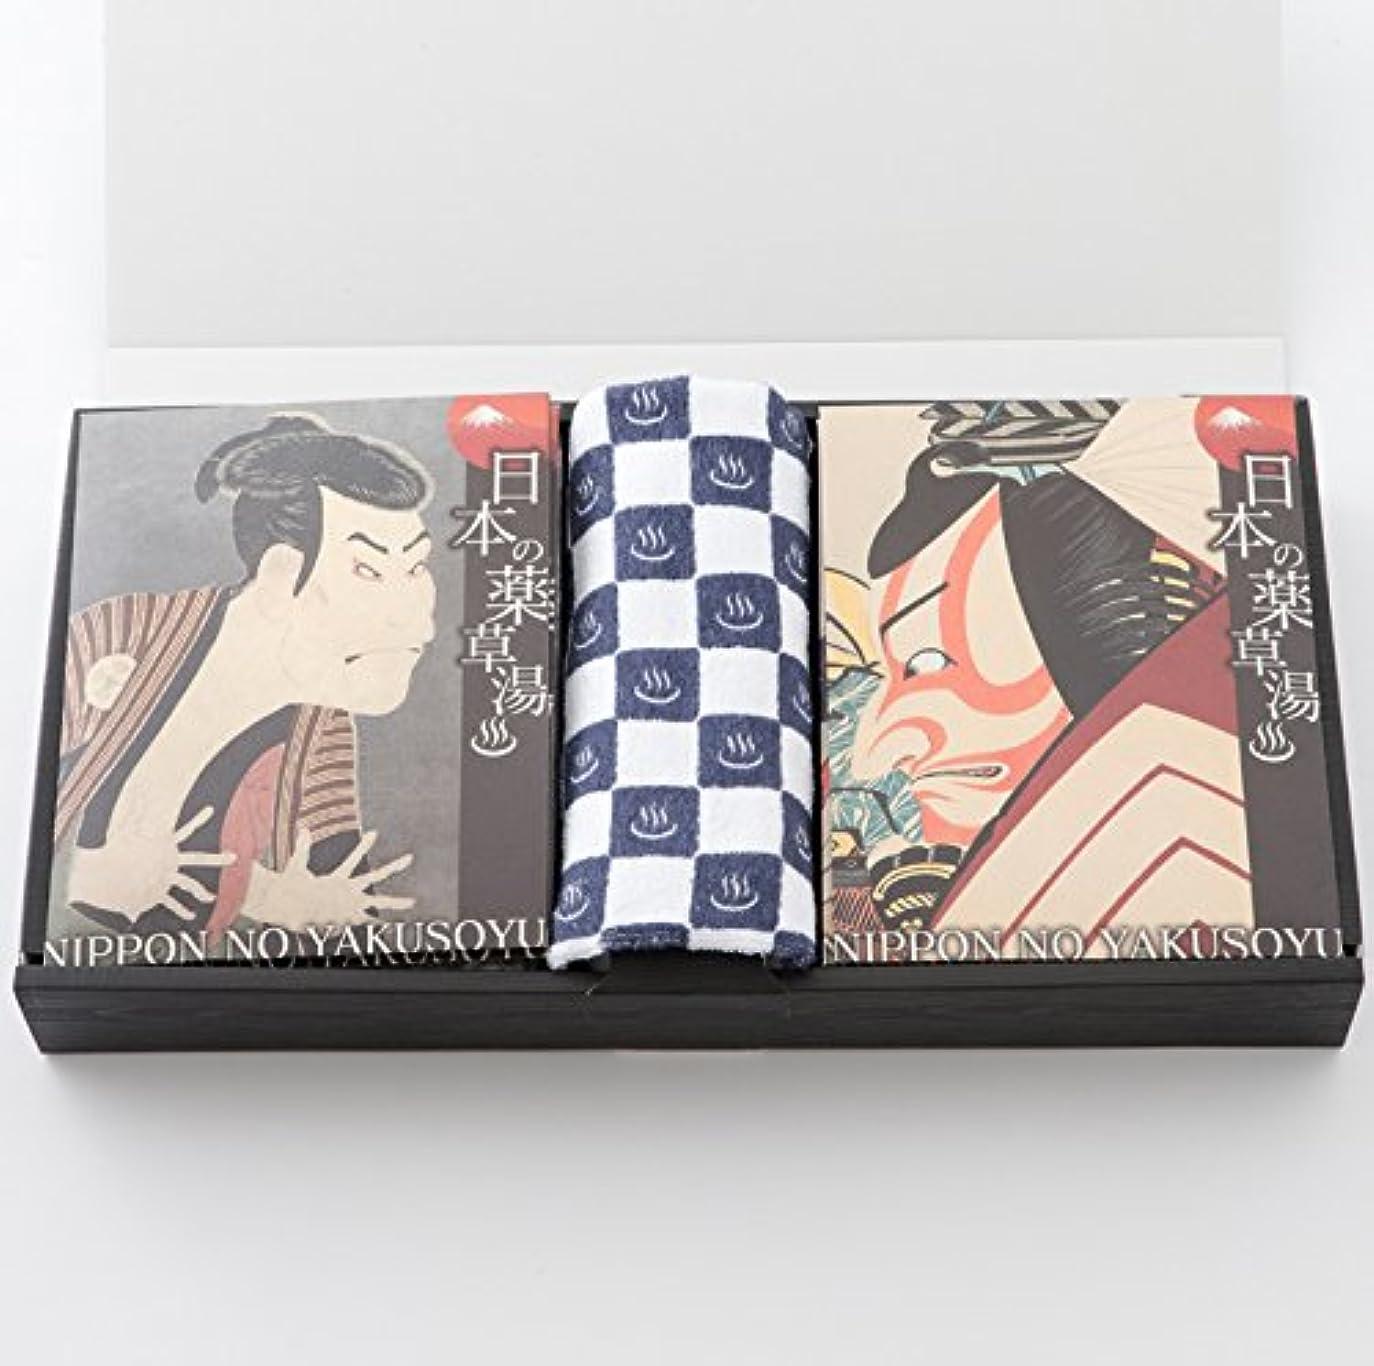 レイ届ける評決日本の薬草湯と湯めぐりタオルギフト (日本の薬草湯9包+湯めぐりタオル1本)